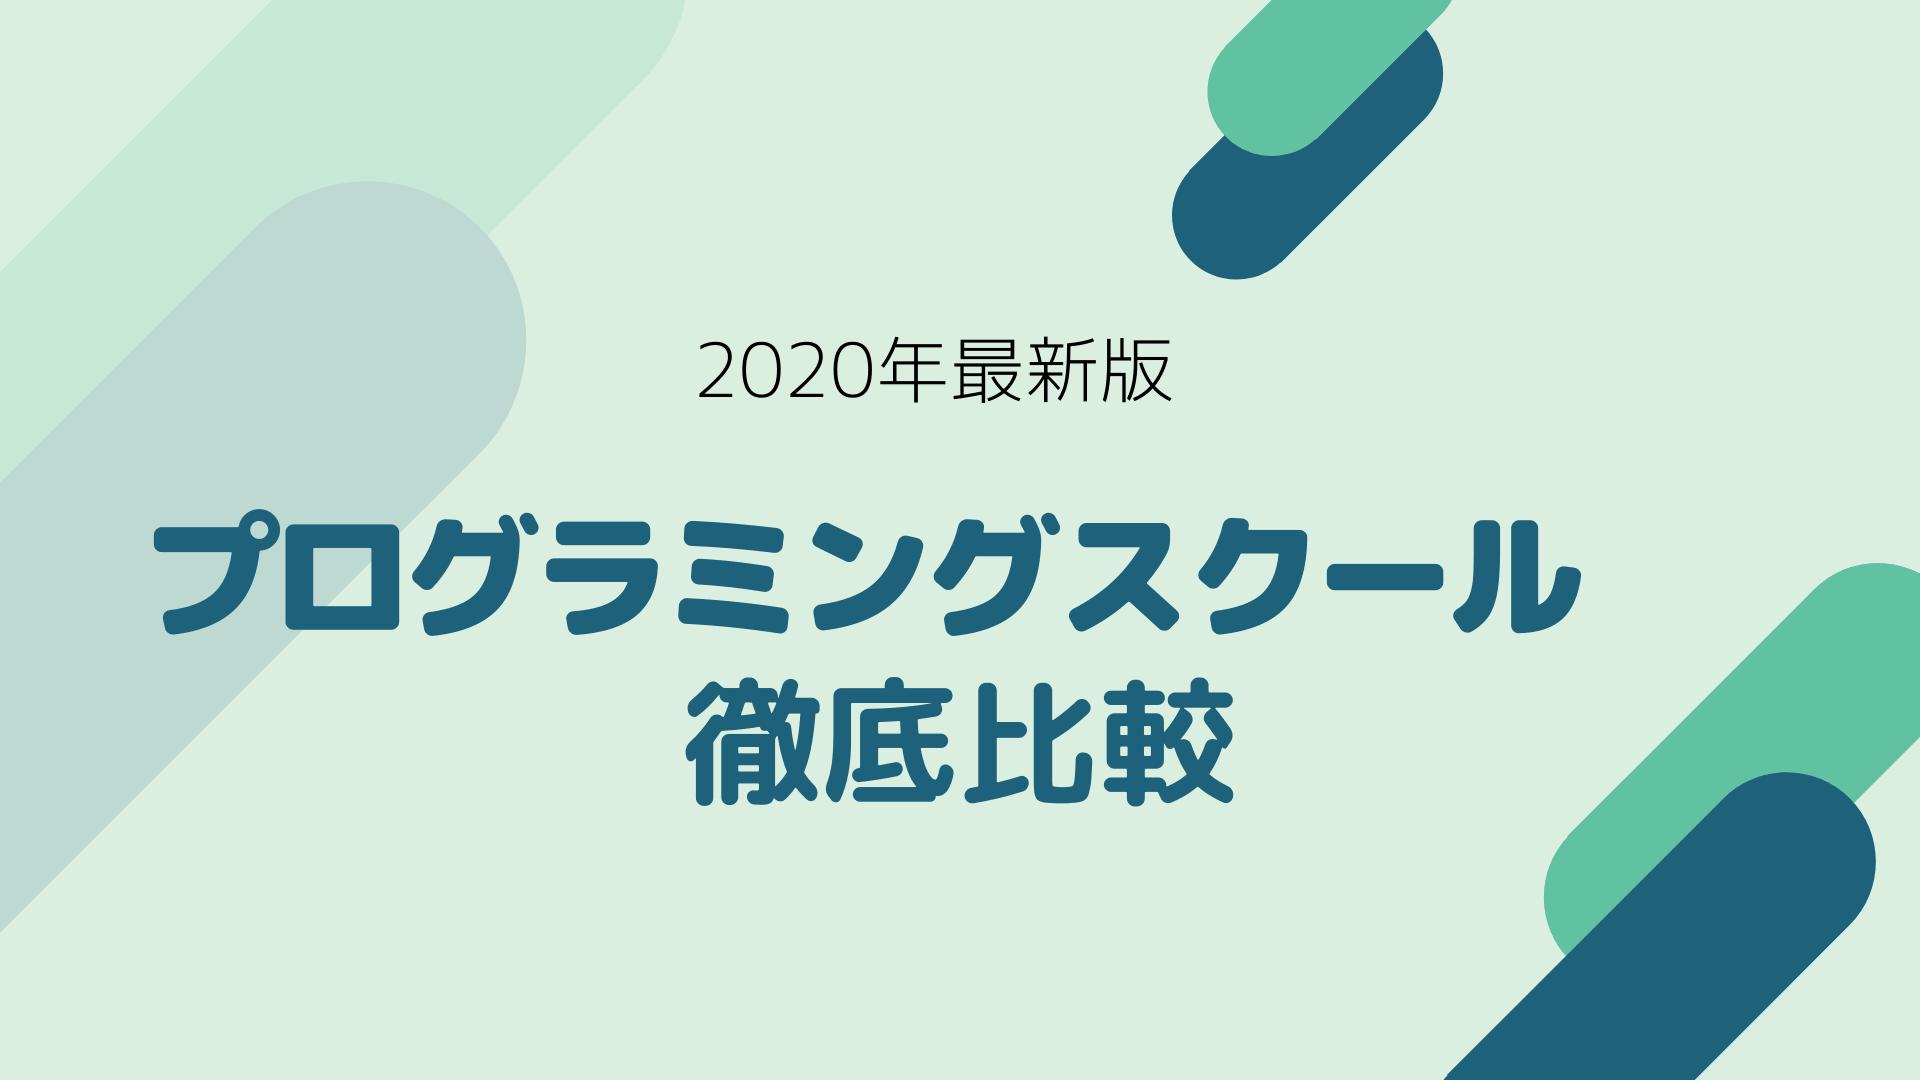 【決定版】独学がいいのかプログラミングスクールがいいのか?徹底解説してみた! (1)-min (1)